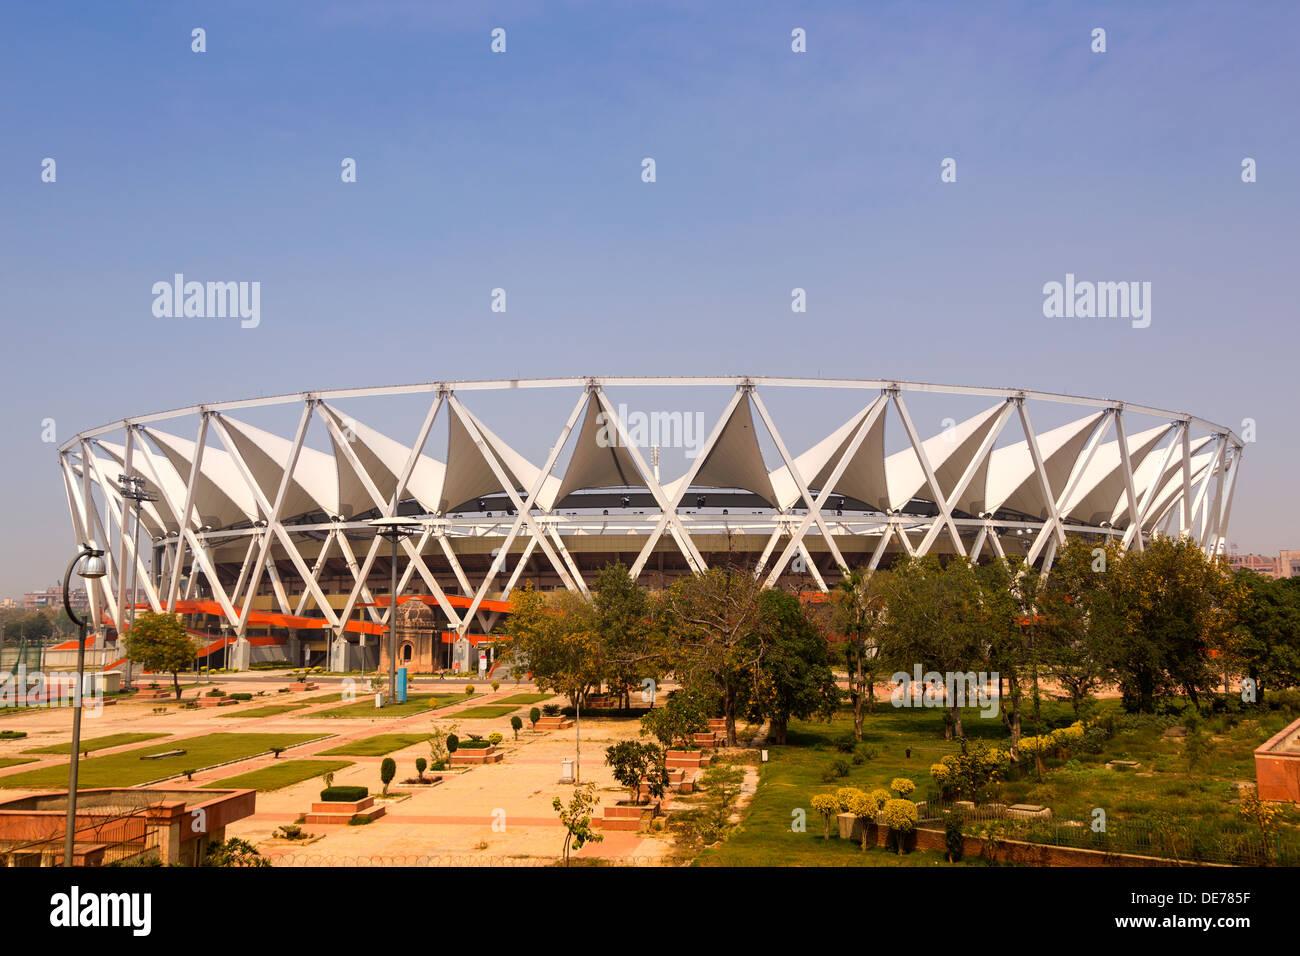 India, Uttar Pradesh, New Delhi, Commonwealth Stadium - Stock Image